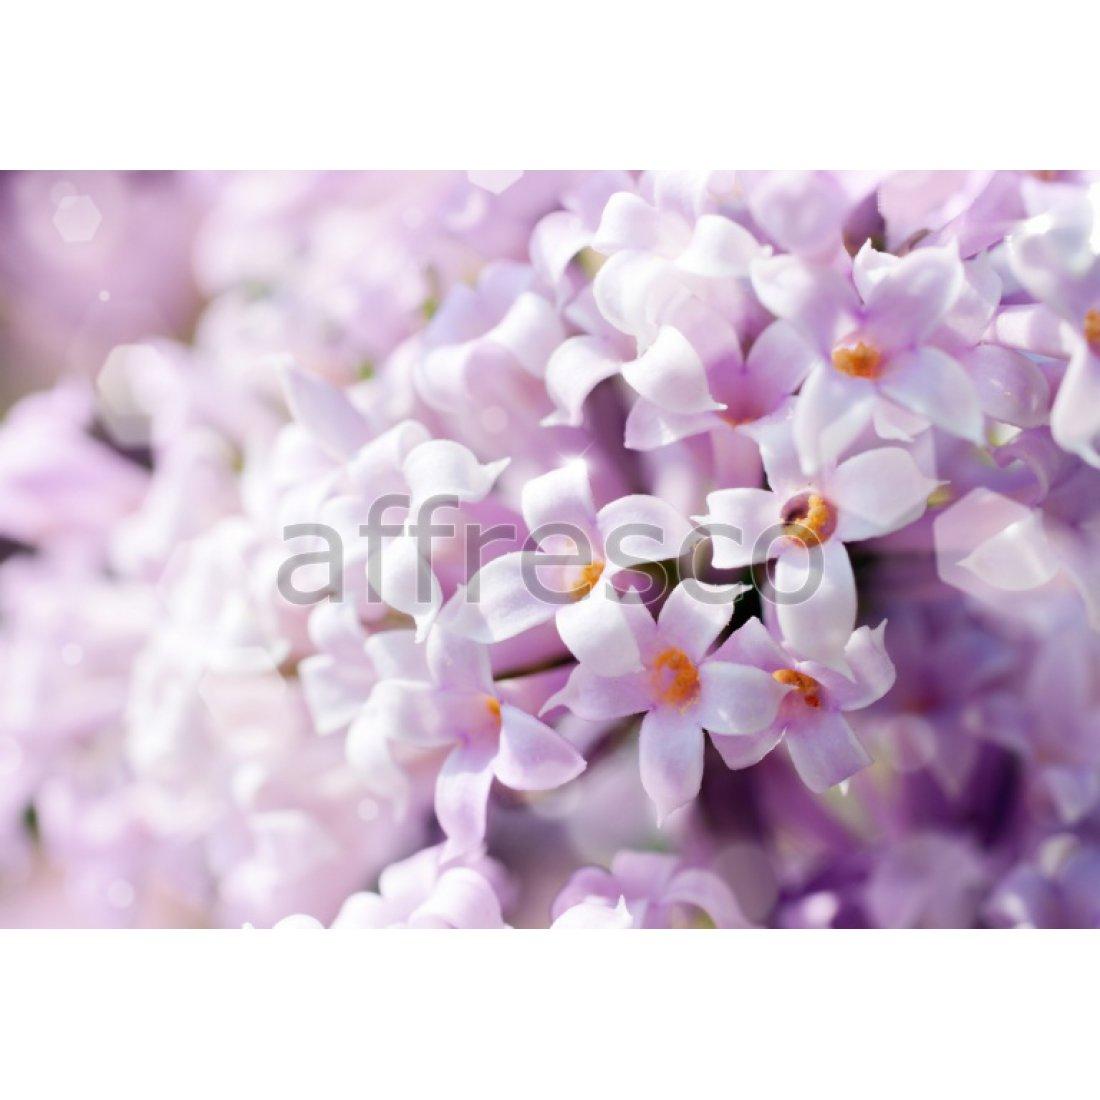 Фреска Affresco Макросъемка белые цветки арт. F11840